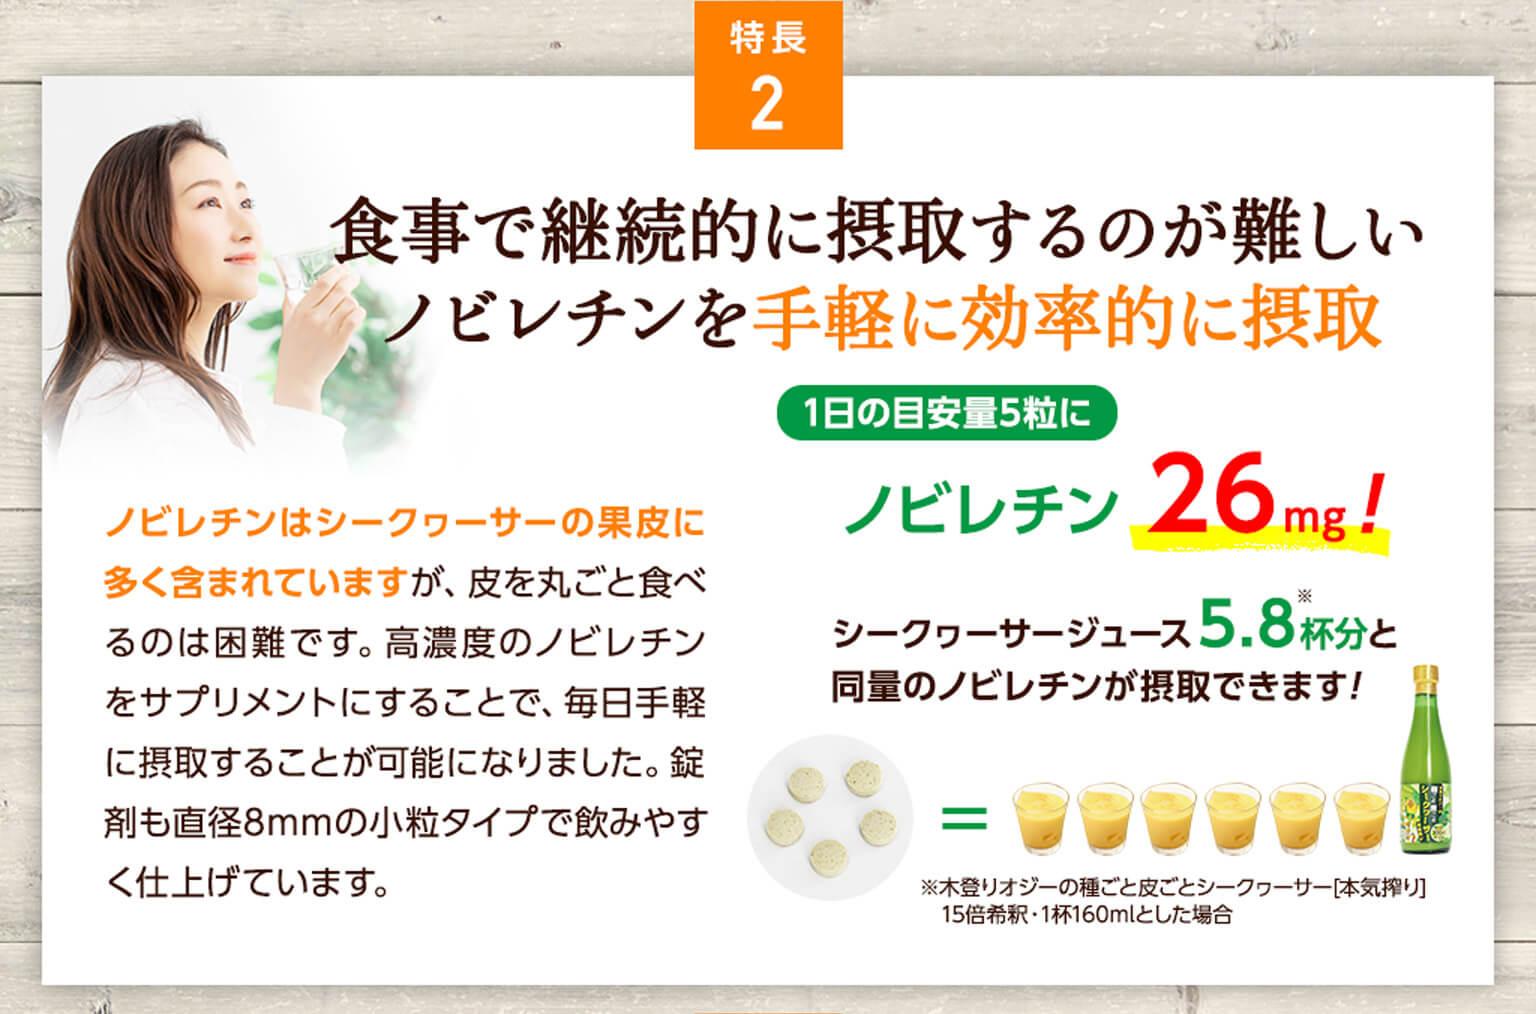 特長2:食事で継続的に摂取するのが難しいノビレチンを手軽に効率的に摂取